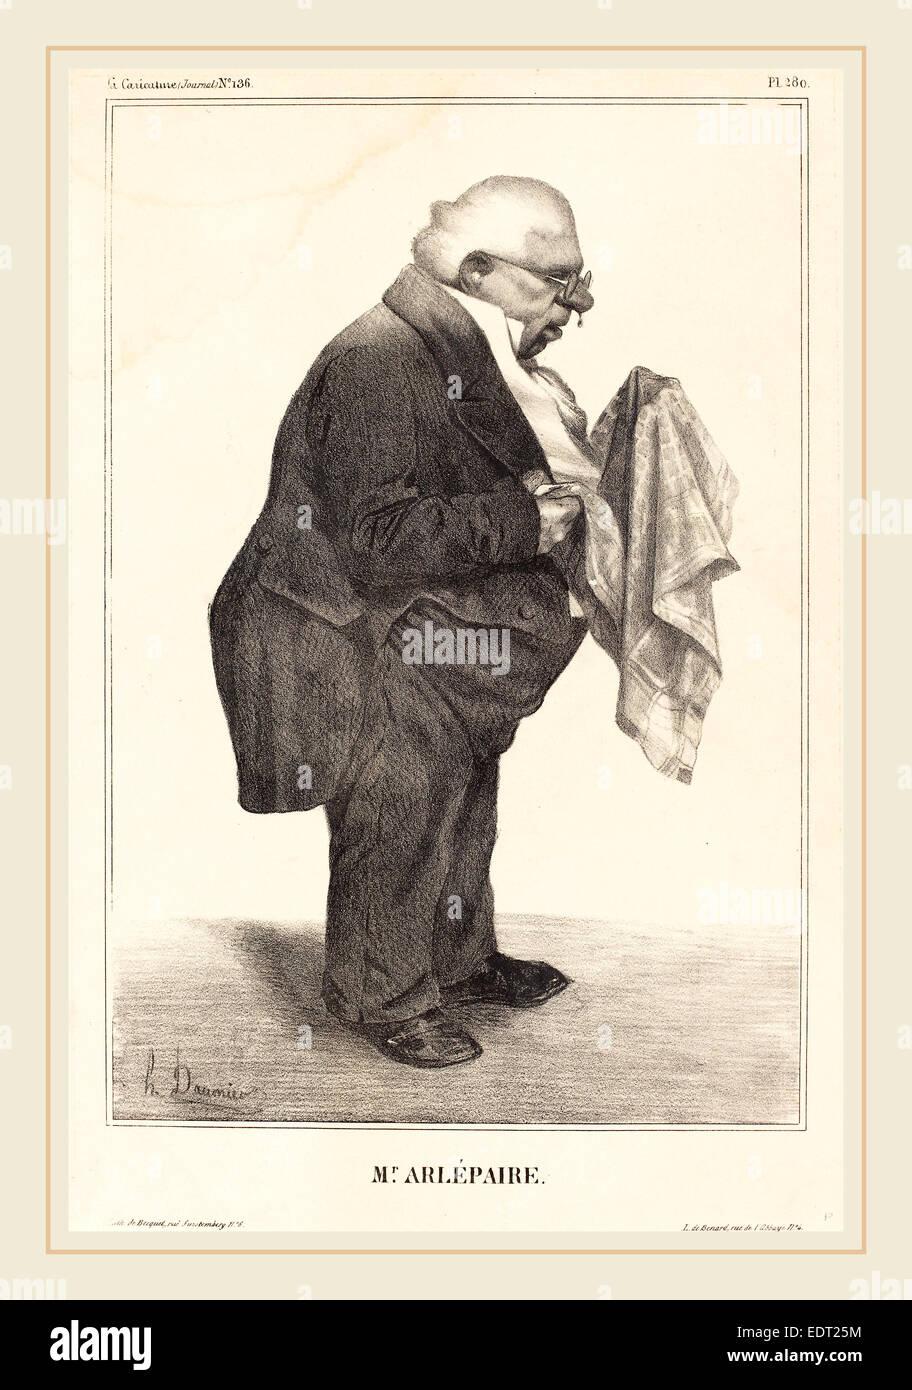 Honoré Daumier (French, 1808-1879), Harlé père, 1833, lithograph - Stock Image